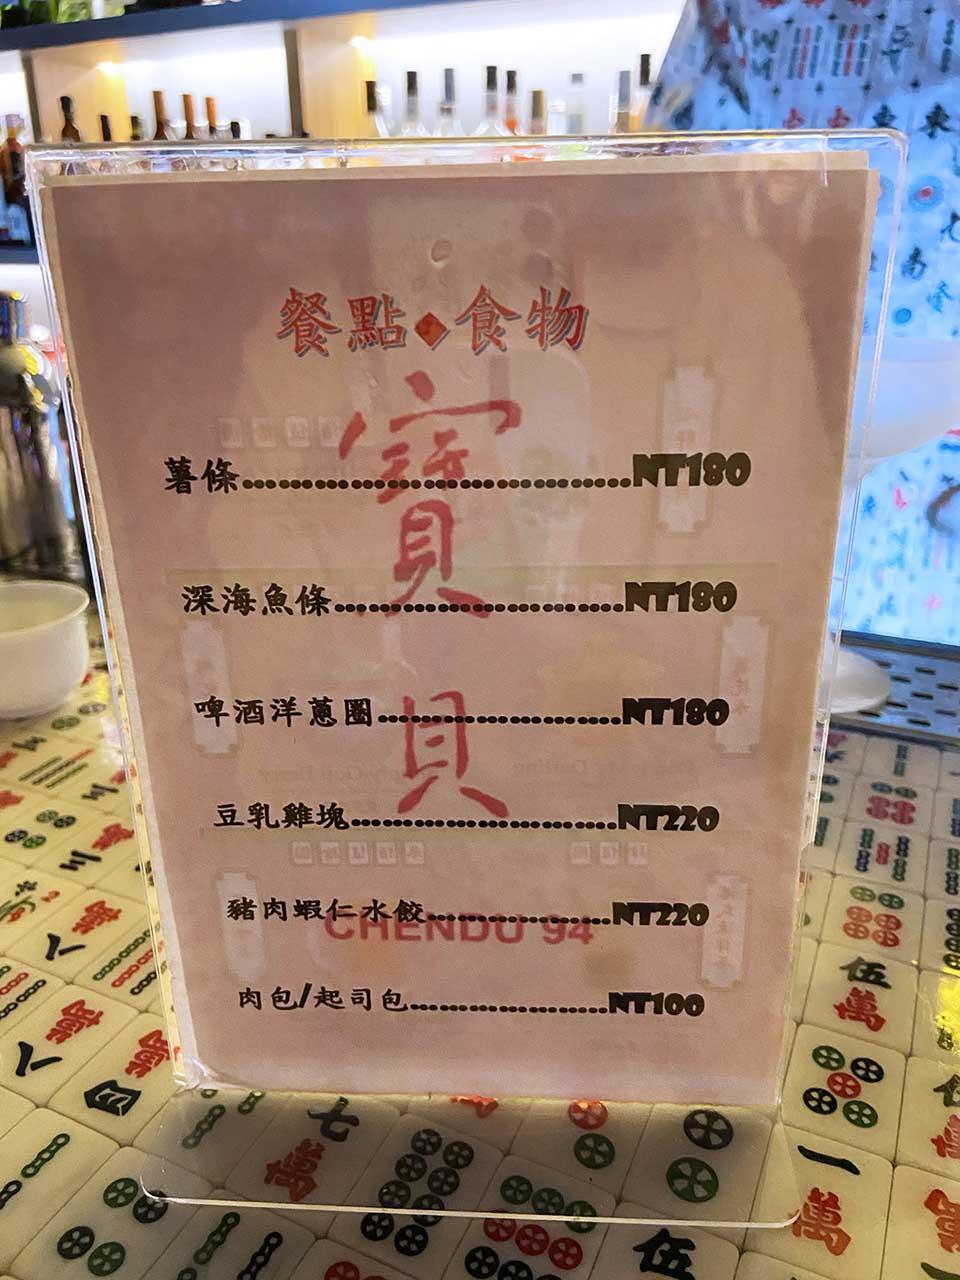 成都玖肆/蒂寶麻雀館/心肝寶貝:調酒菜單